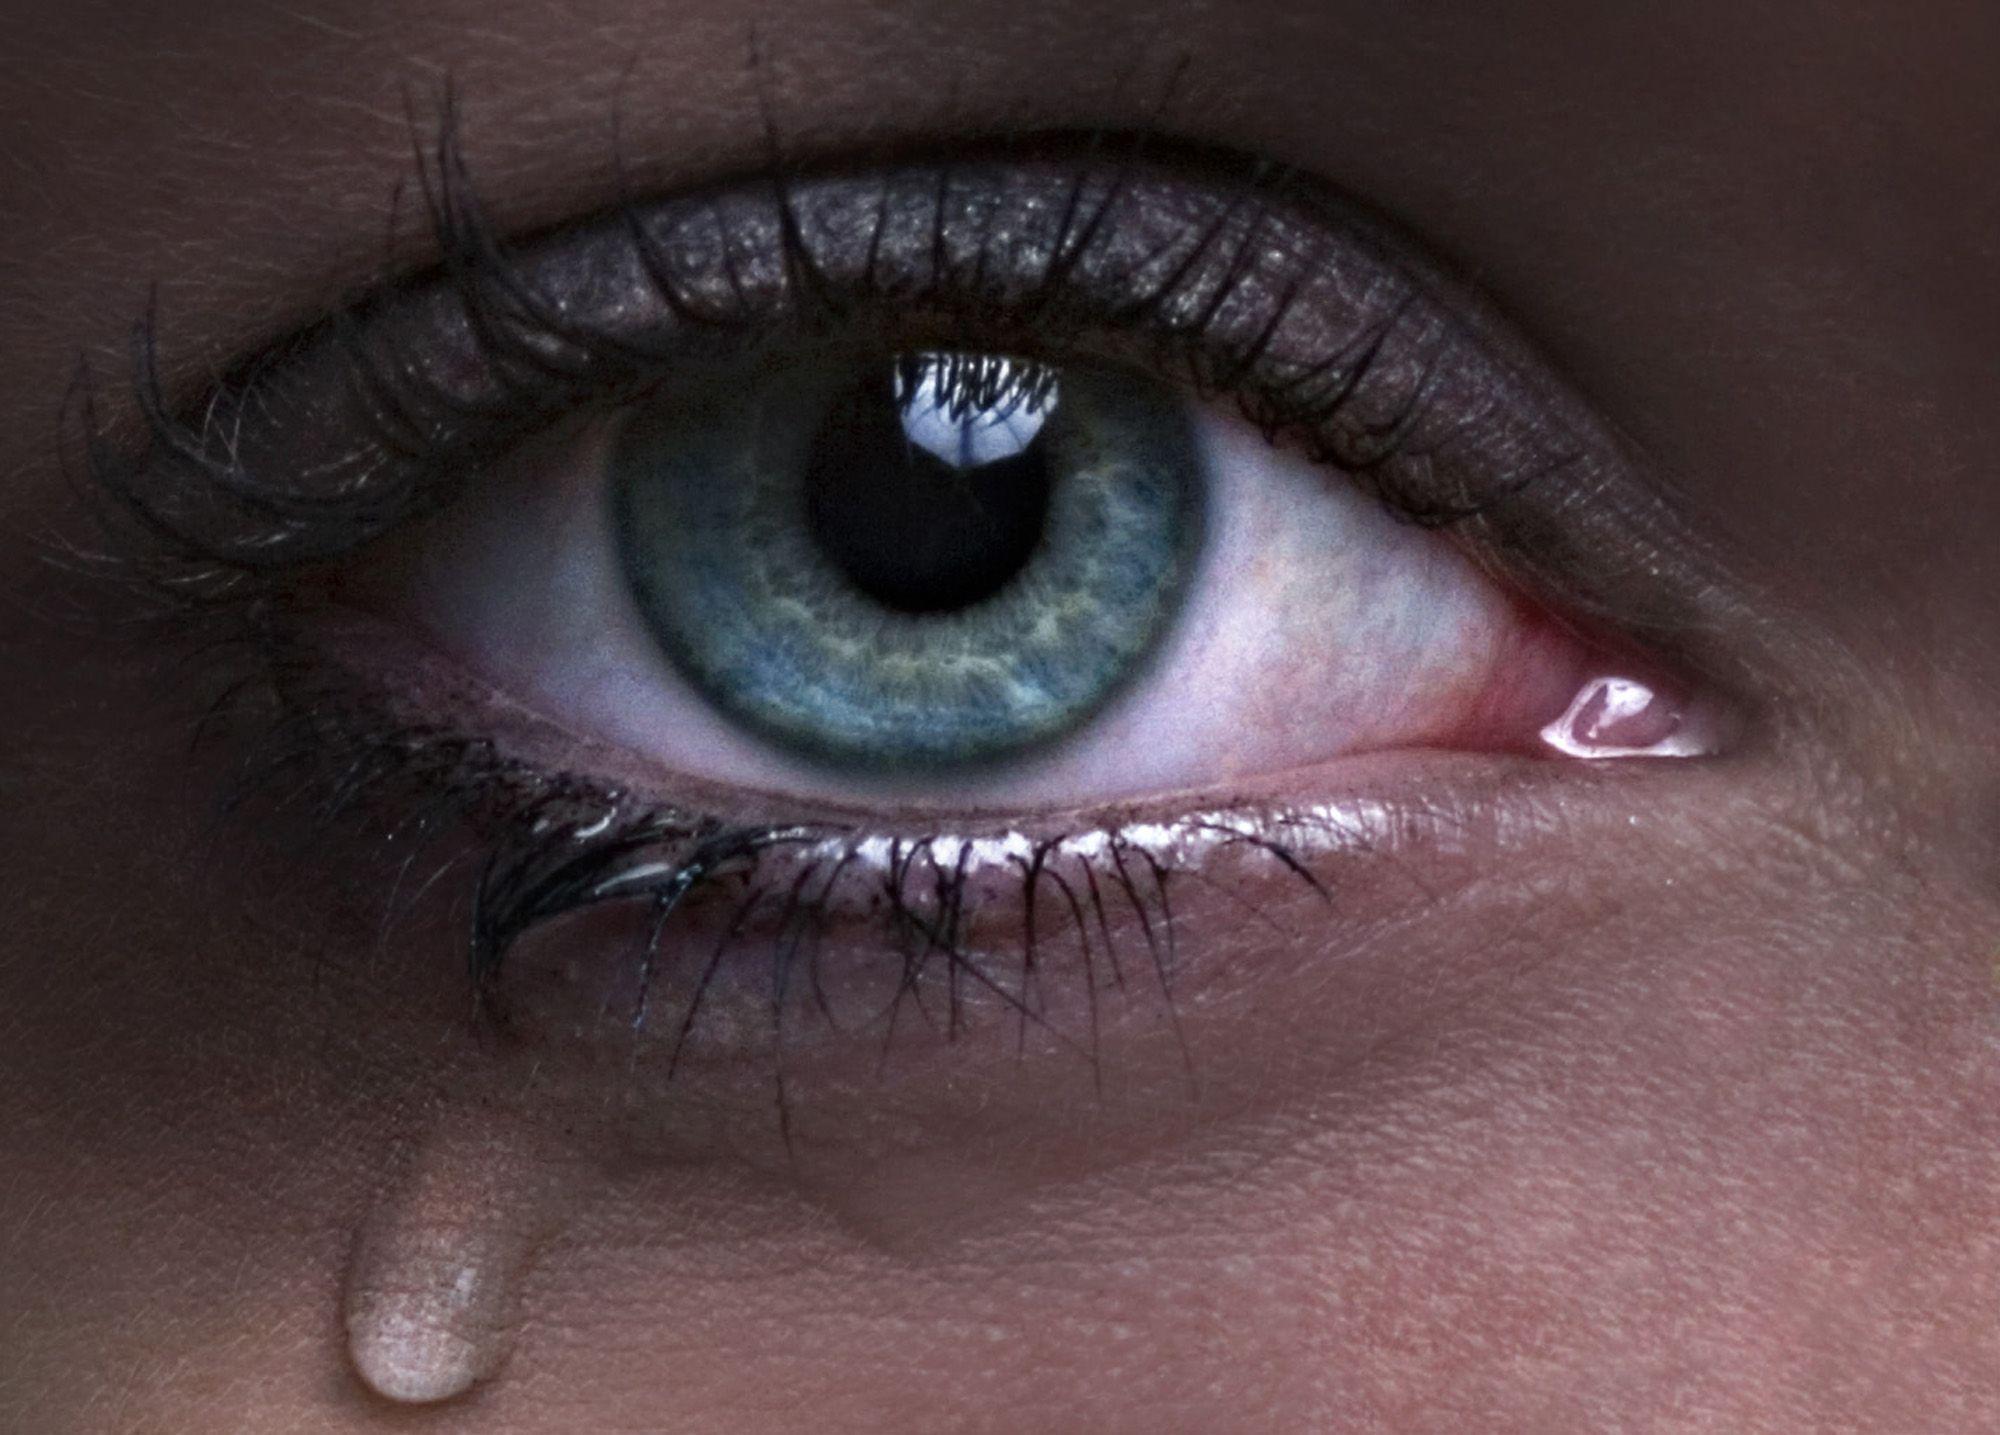 بالصور صور عيون حزينه , صور عين تبكي 5082 1